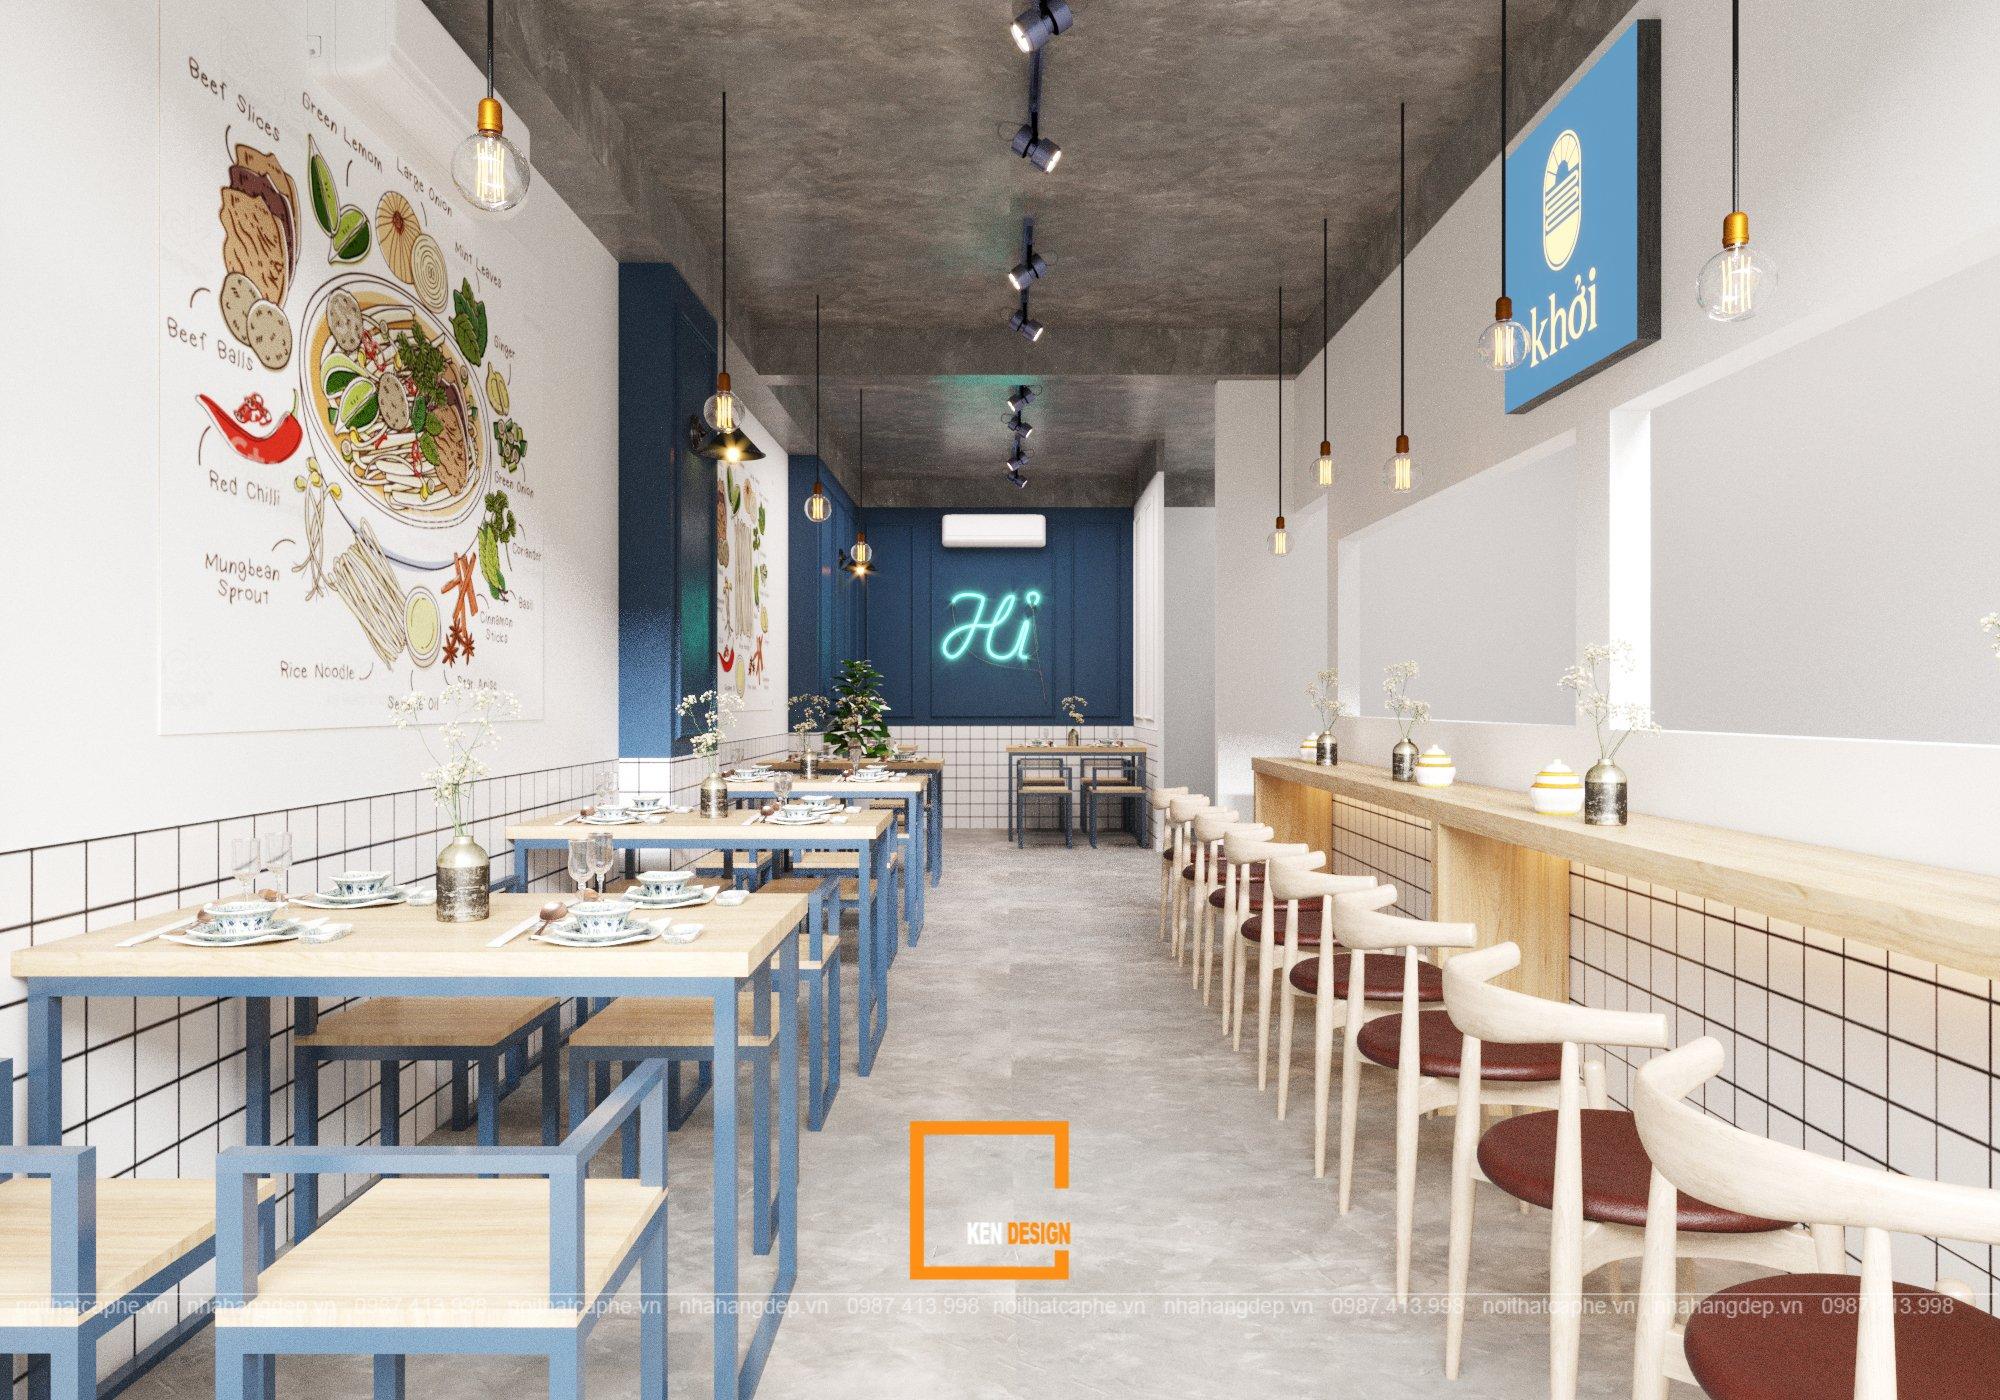 Gia vị hiện đại hòa quyện trong thiết kế nhà hàng bún khởi